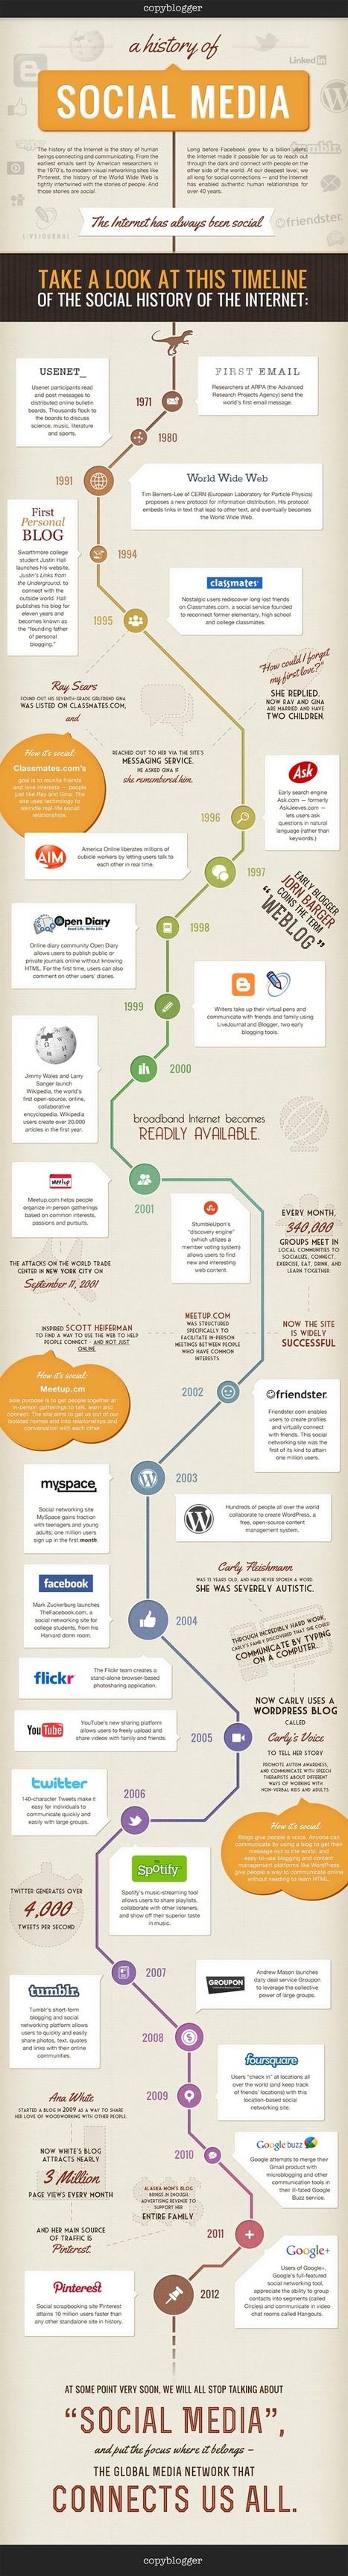 L'Histoire des réseaux sociaux au travers d'une infographie | Marketing et  TPE | Scoop.it